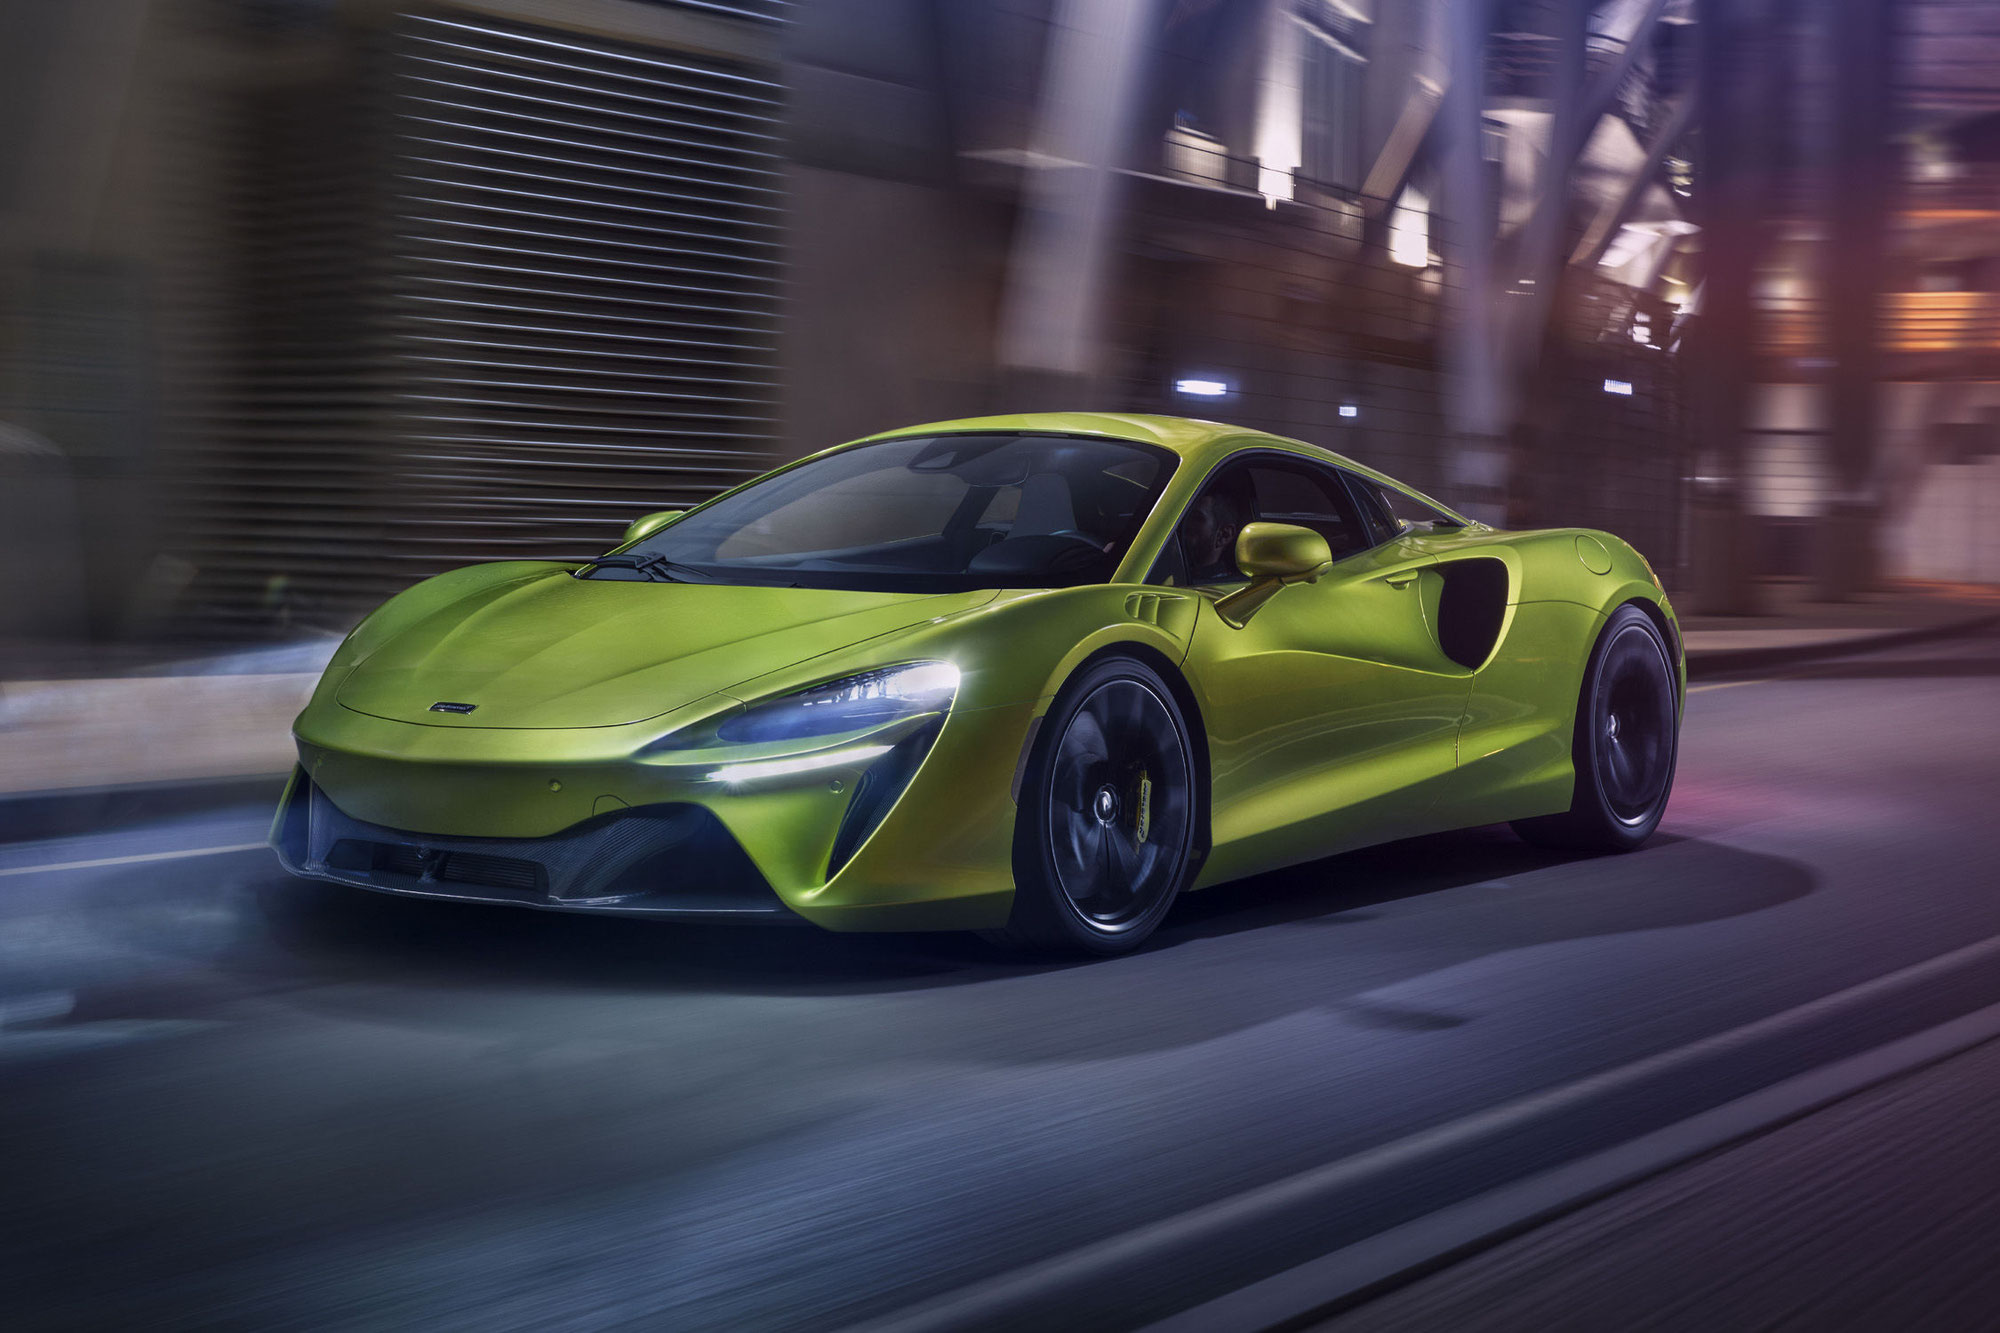 McLaren Artura : 680 ch pour la Supercar hybride de McLaren